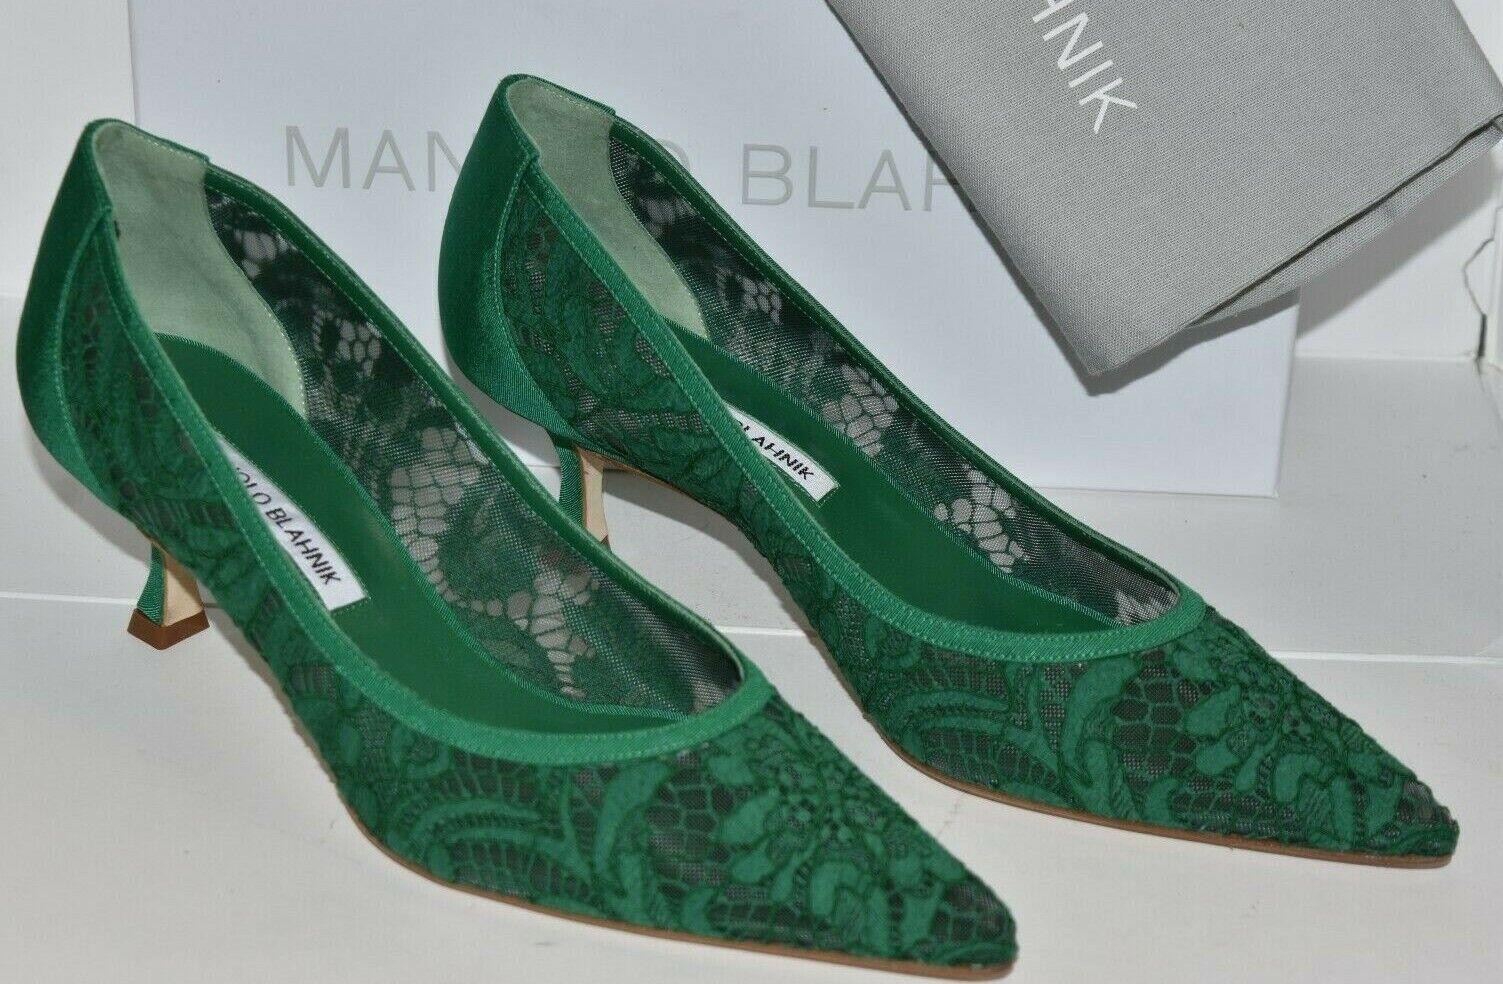 745 NEW Manolo Blahnik SRILA Lace Green Kitten Heels Pumps BB shoes 40 40.5